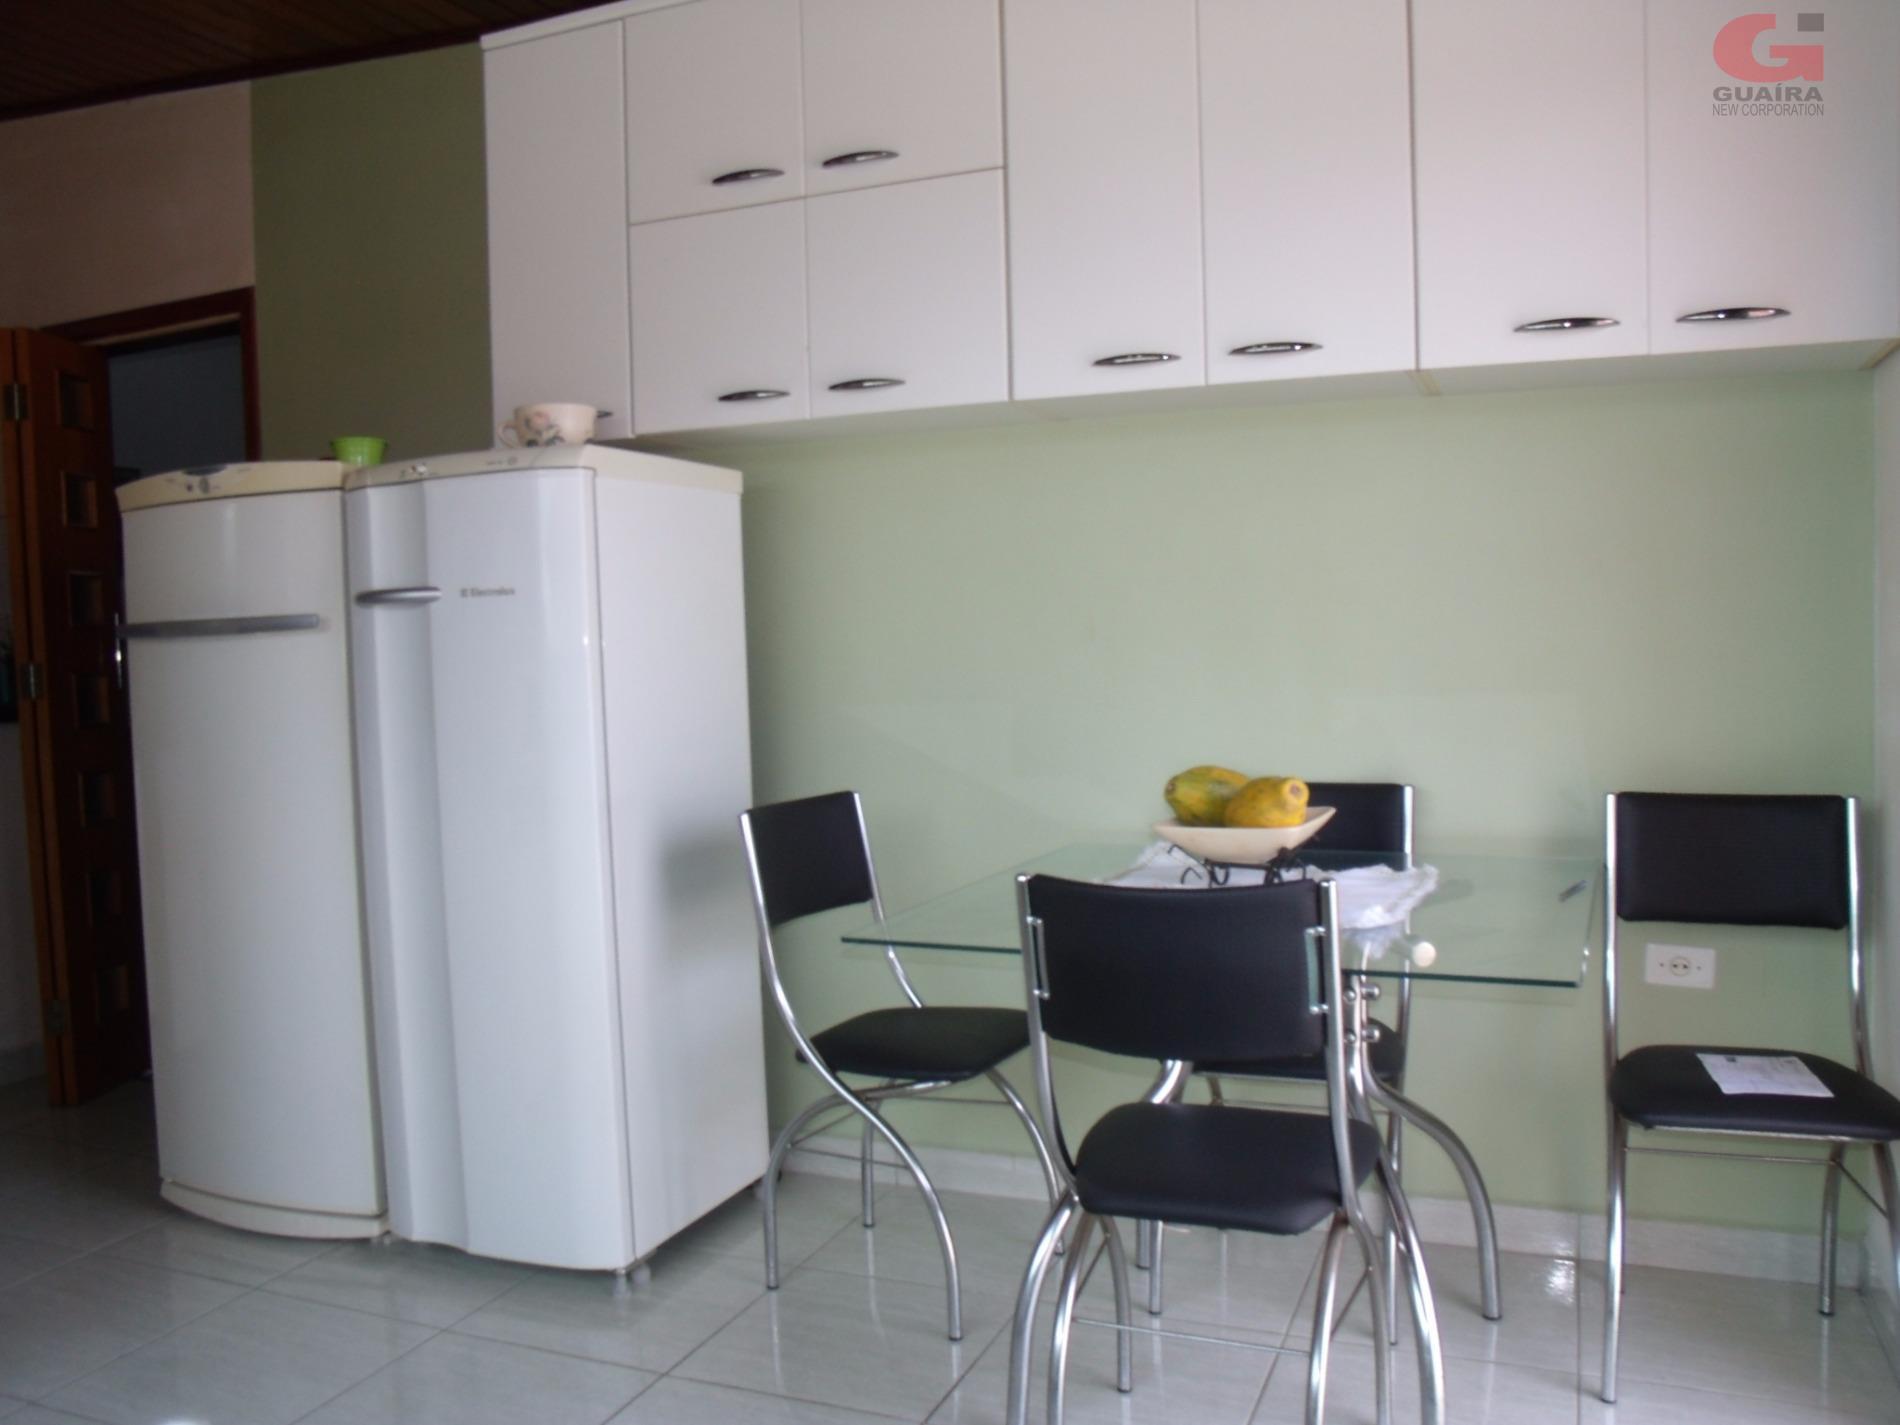 Cobertura de 3 dormitórios em Rudge Ramos, São Bernardo Do Campo - SP